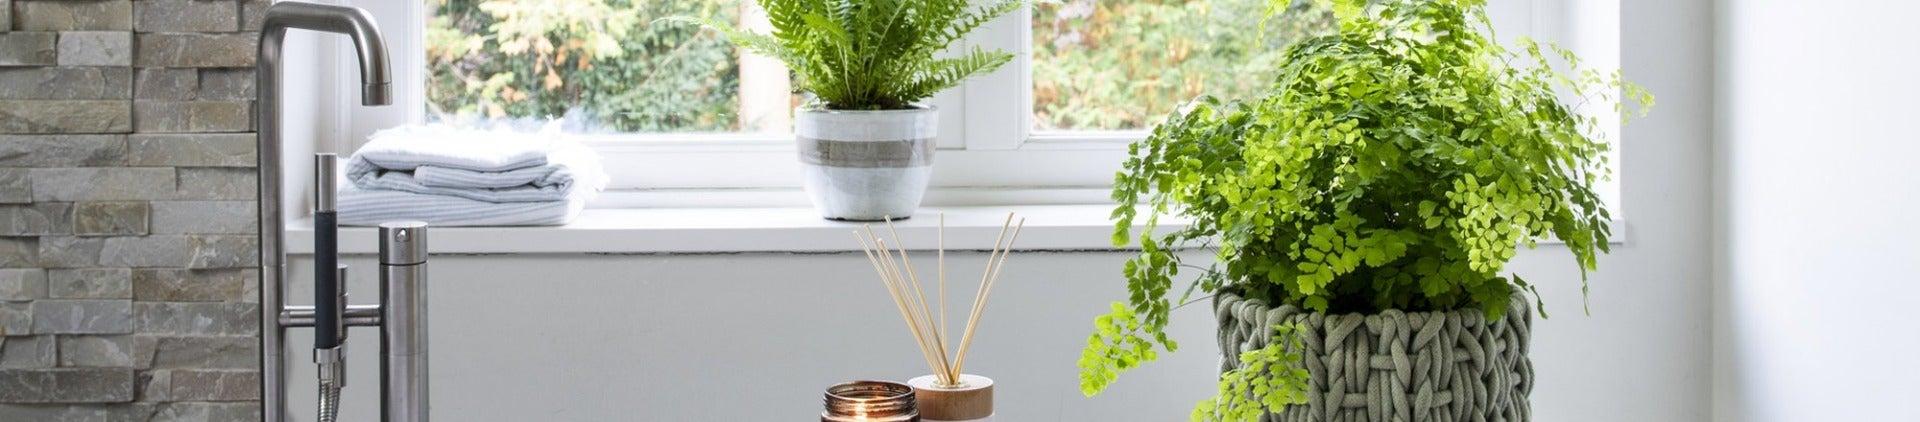 Kamerplantencursus: Kamerplanten in badkamer